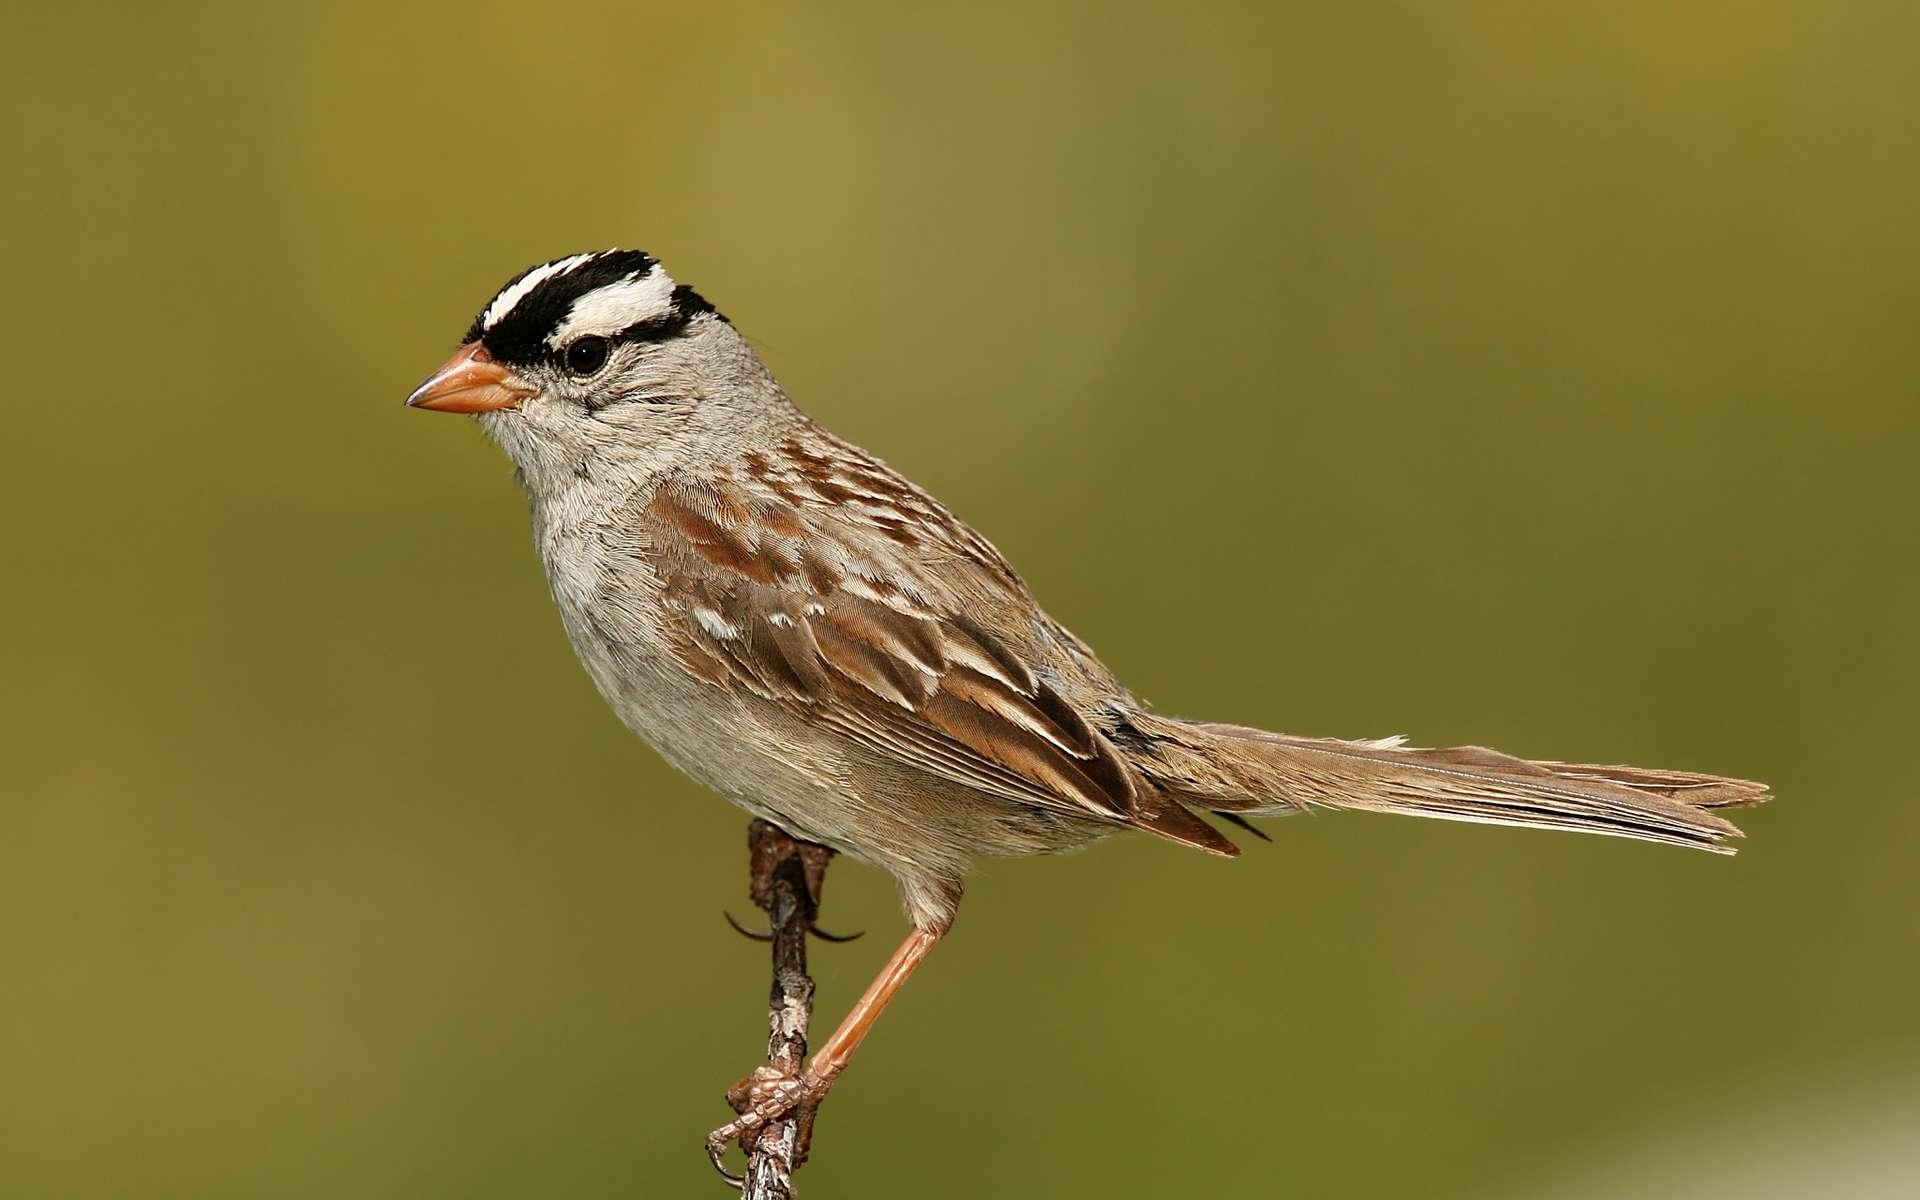 Le confinement a changé le chant de ces oiseaux